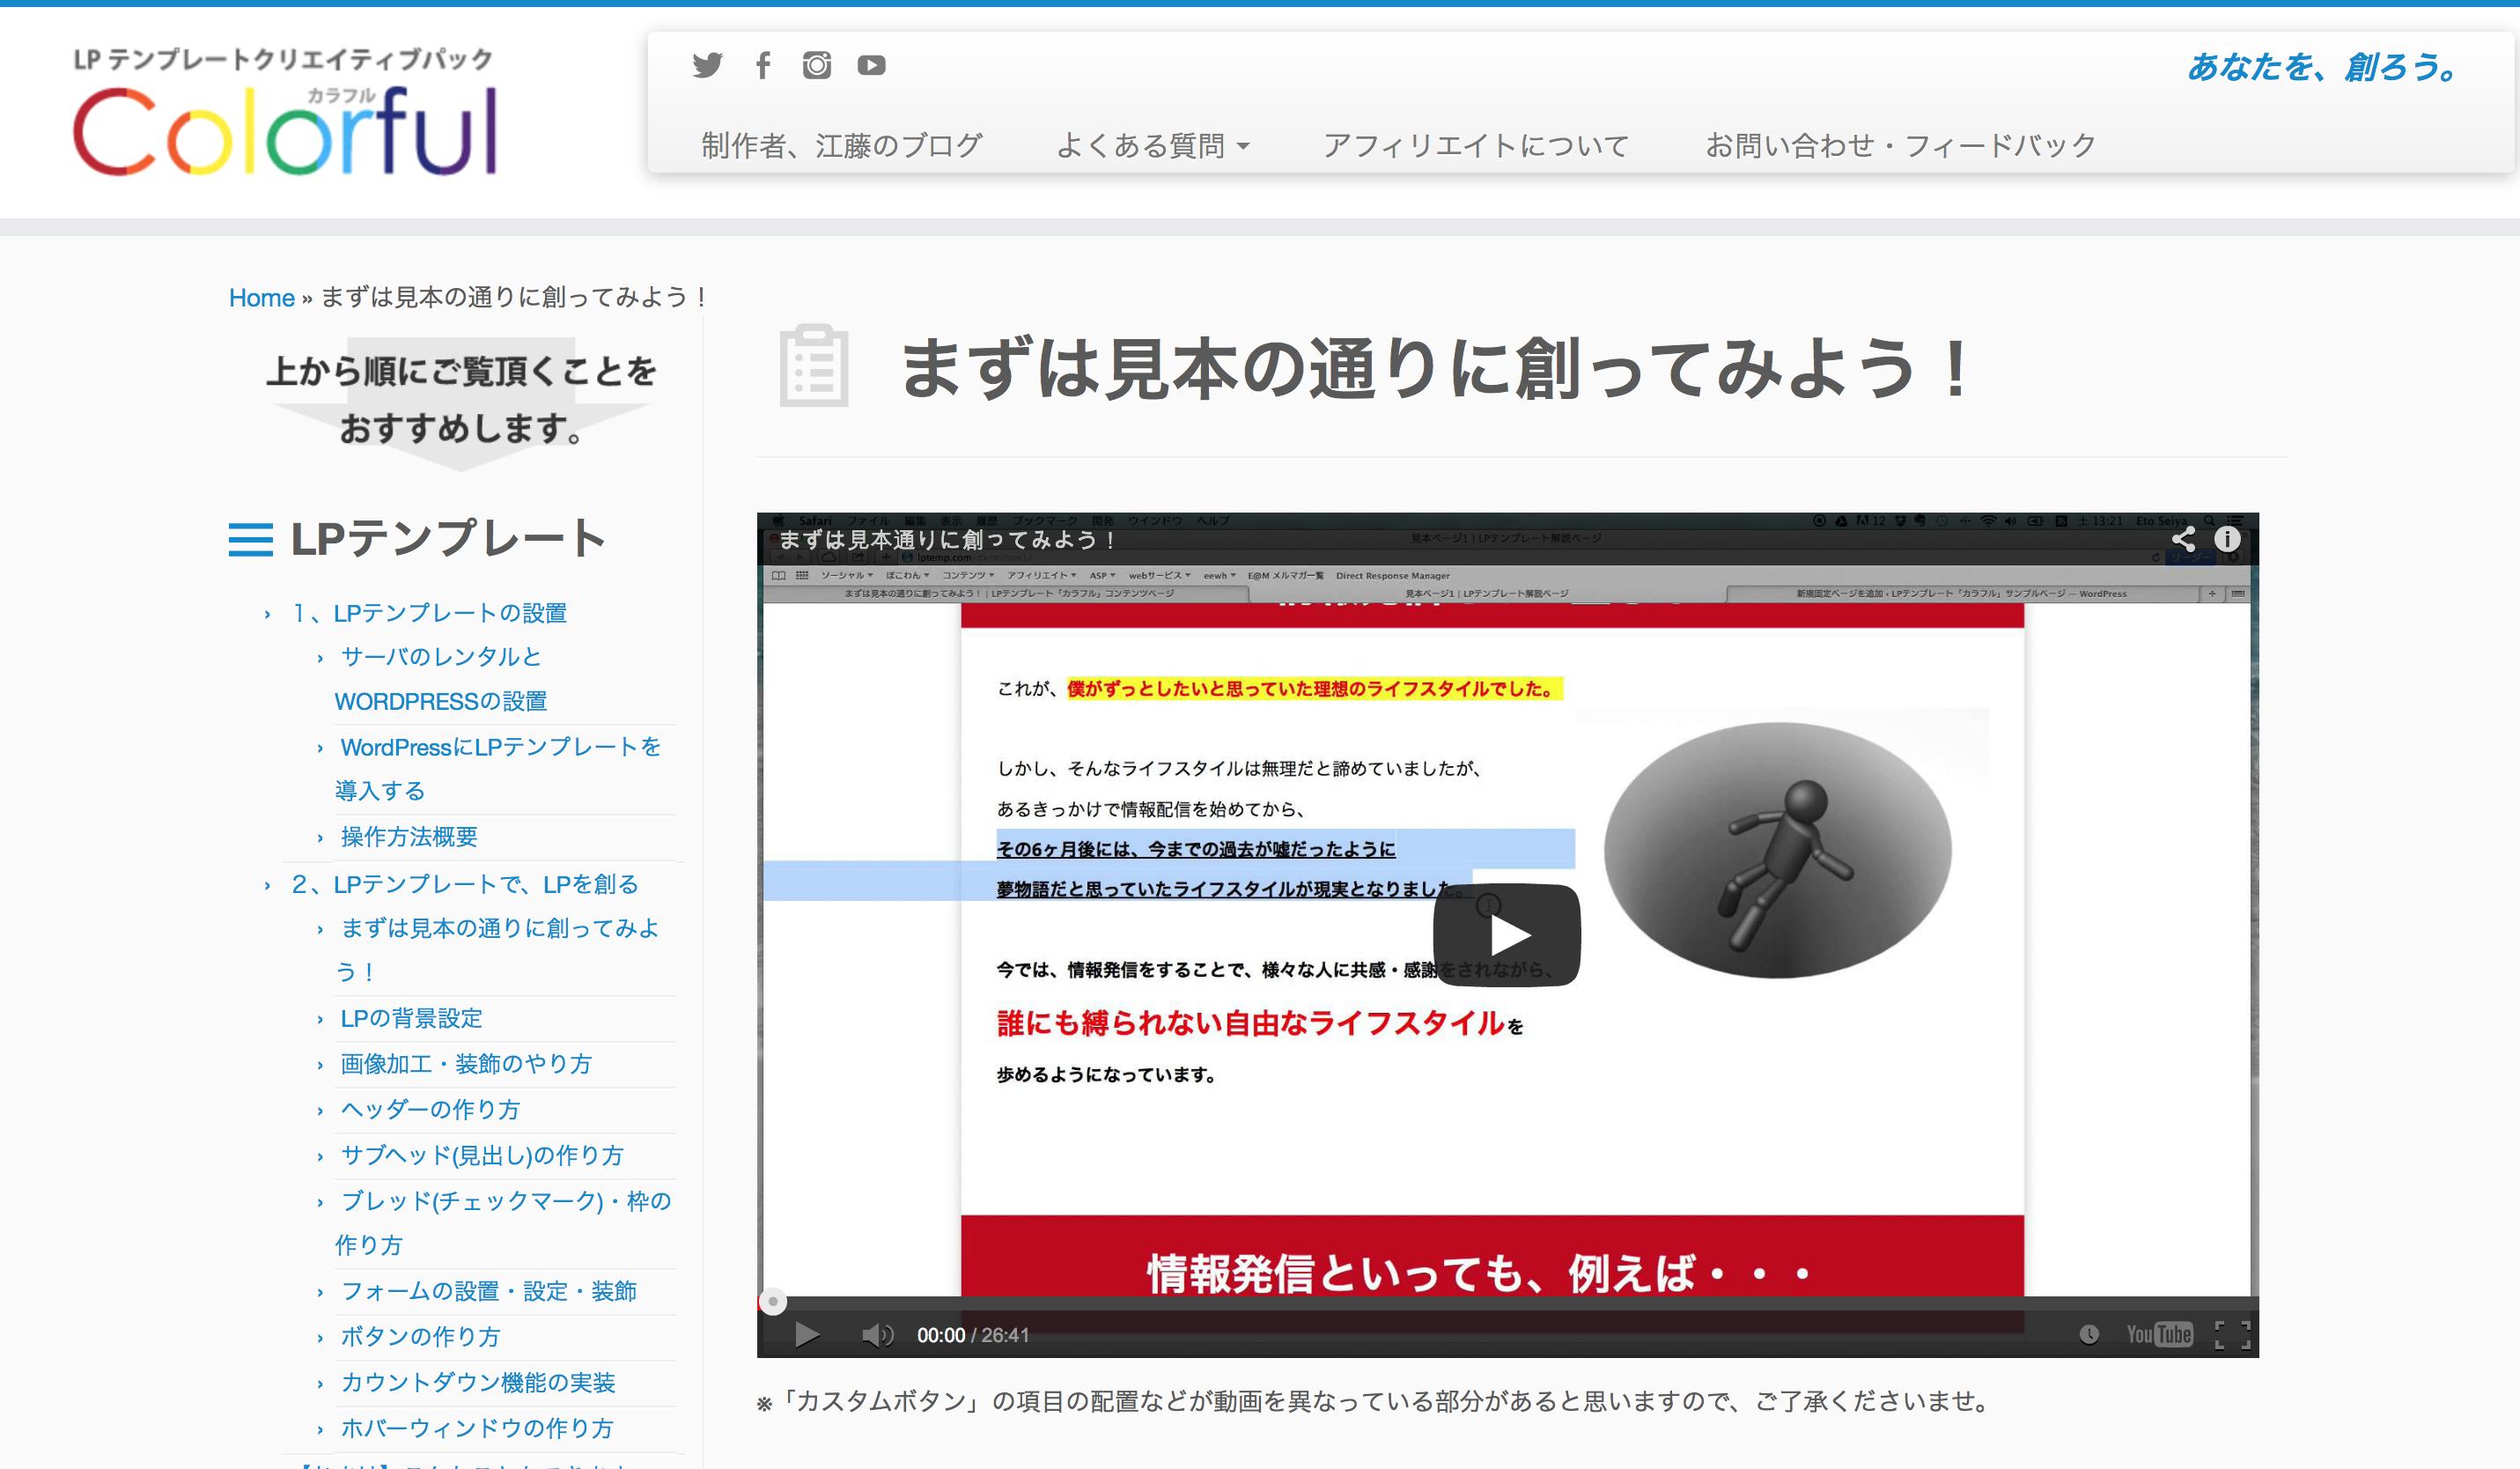 スクリーンショット 2013-12-07 20.59.57